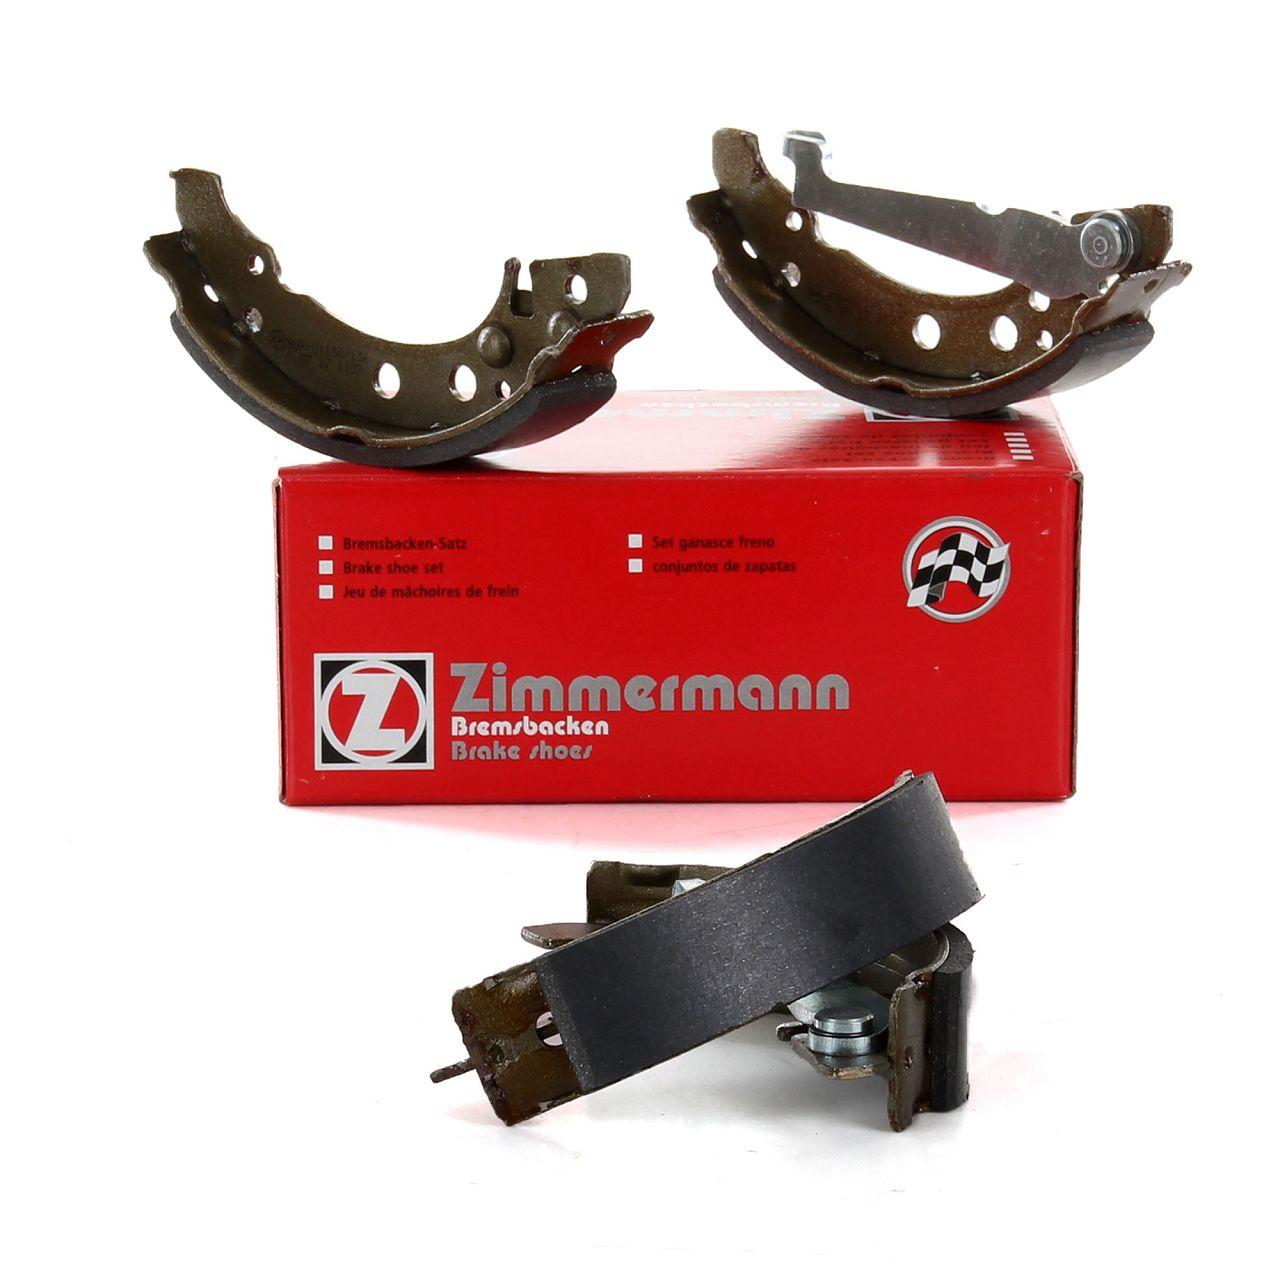 ZIMMERMANN Bremsbacken Satz VW Lupo 1.2TDI 3L 61 PS ohne ABS 07.1999-07.2005